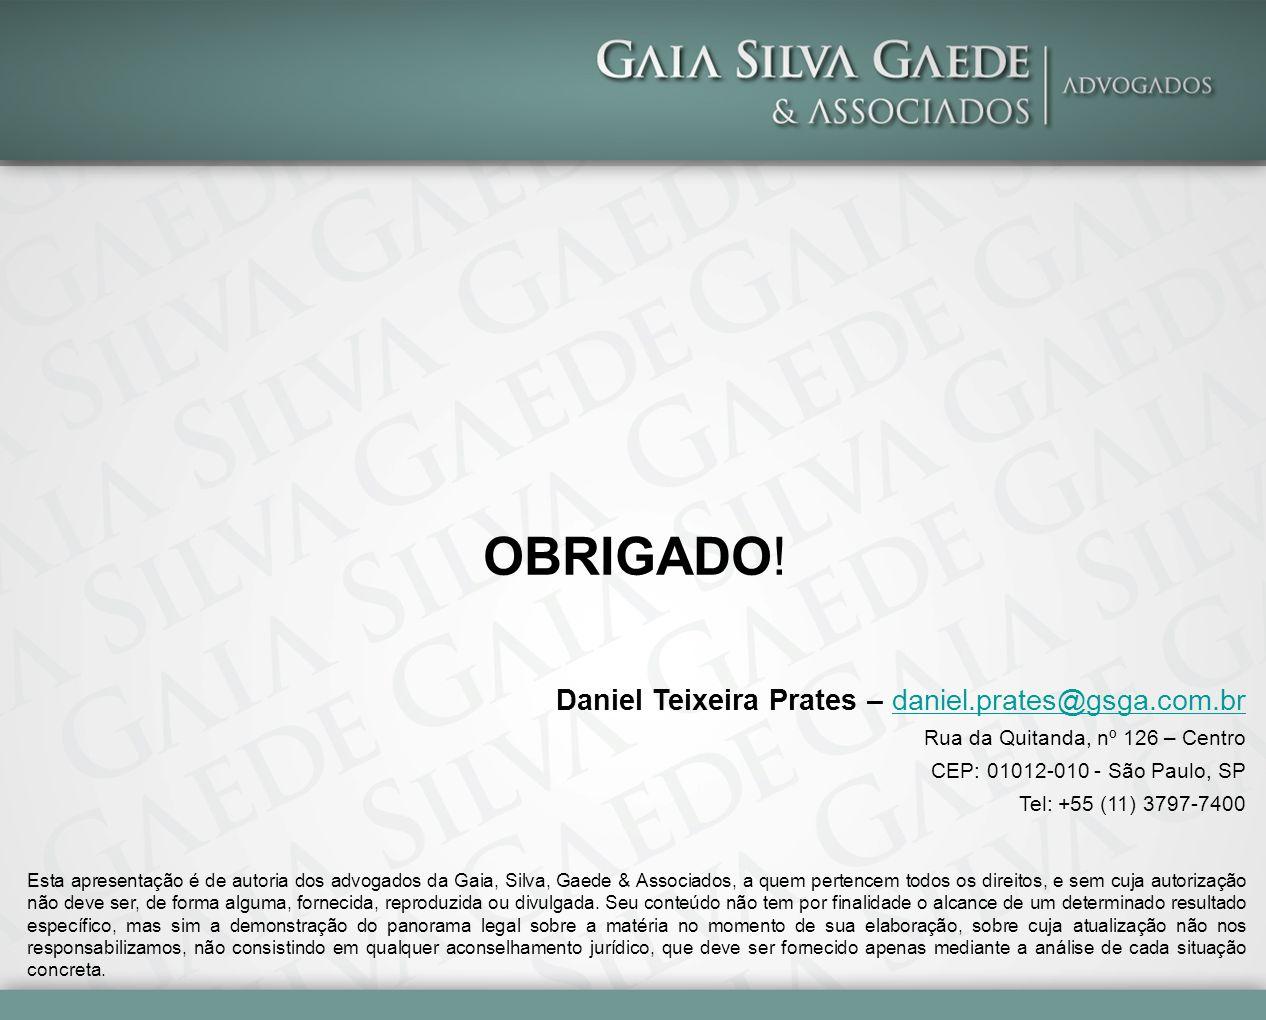 OBRIGADO! Daniel Teixeira Prates – daniel.prates@gsga.com.brdaniel.prates@gsga.com.br Rua da Quitanda, nº 126 – Centro CEP: 01012-010 - São Paulo, SP